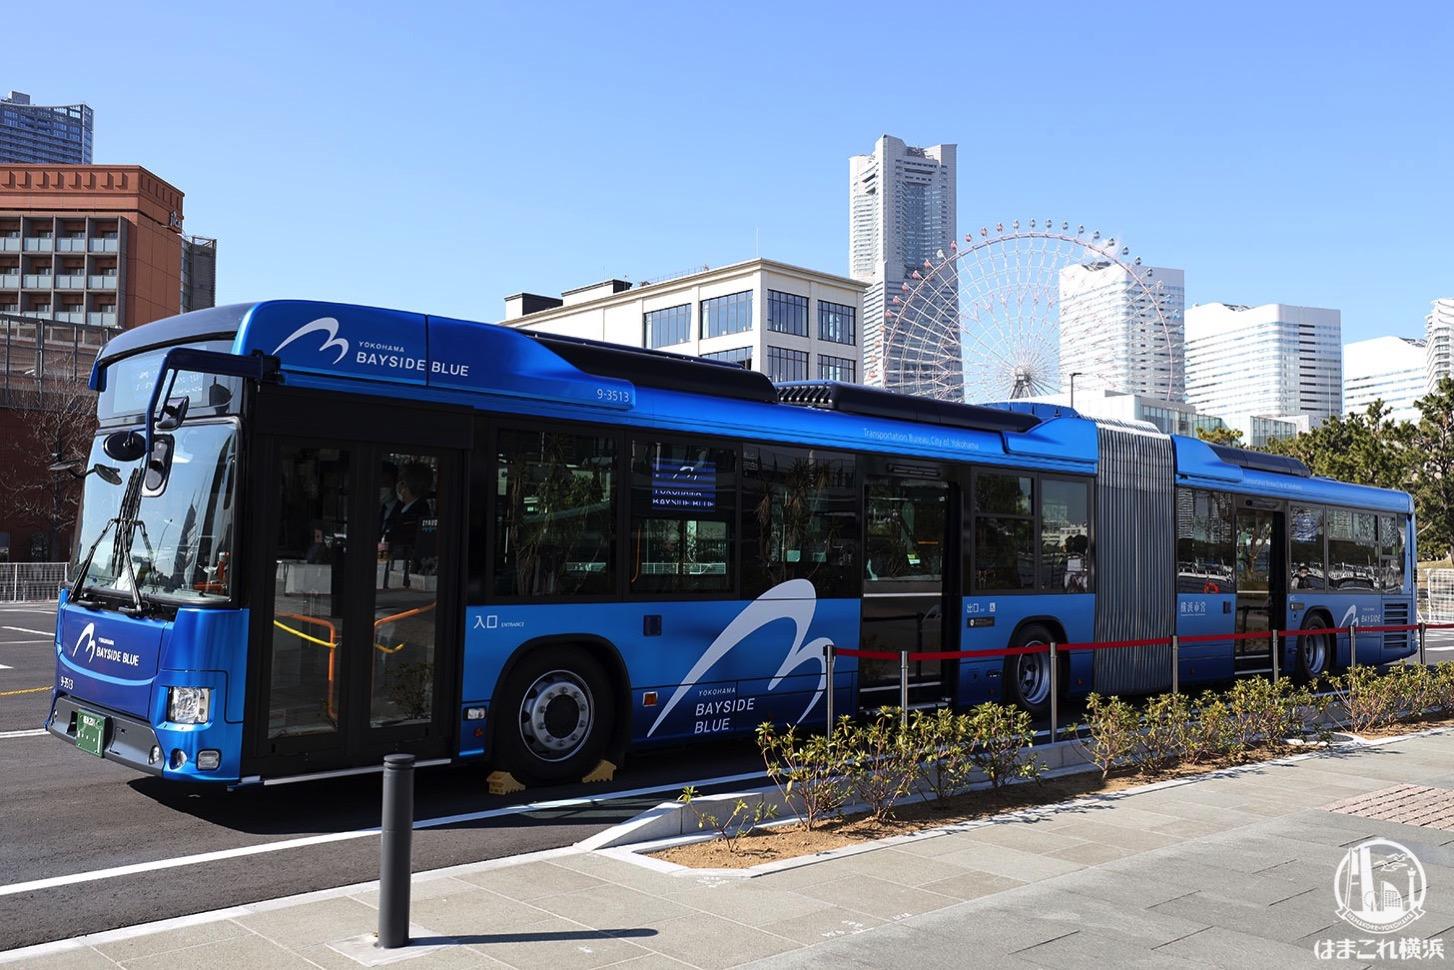 横浜の連節バス「ベイサイドブルー」が運行開始、ルートや運賃 あかいくつ等は再編